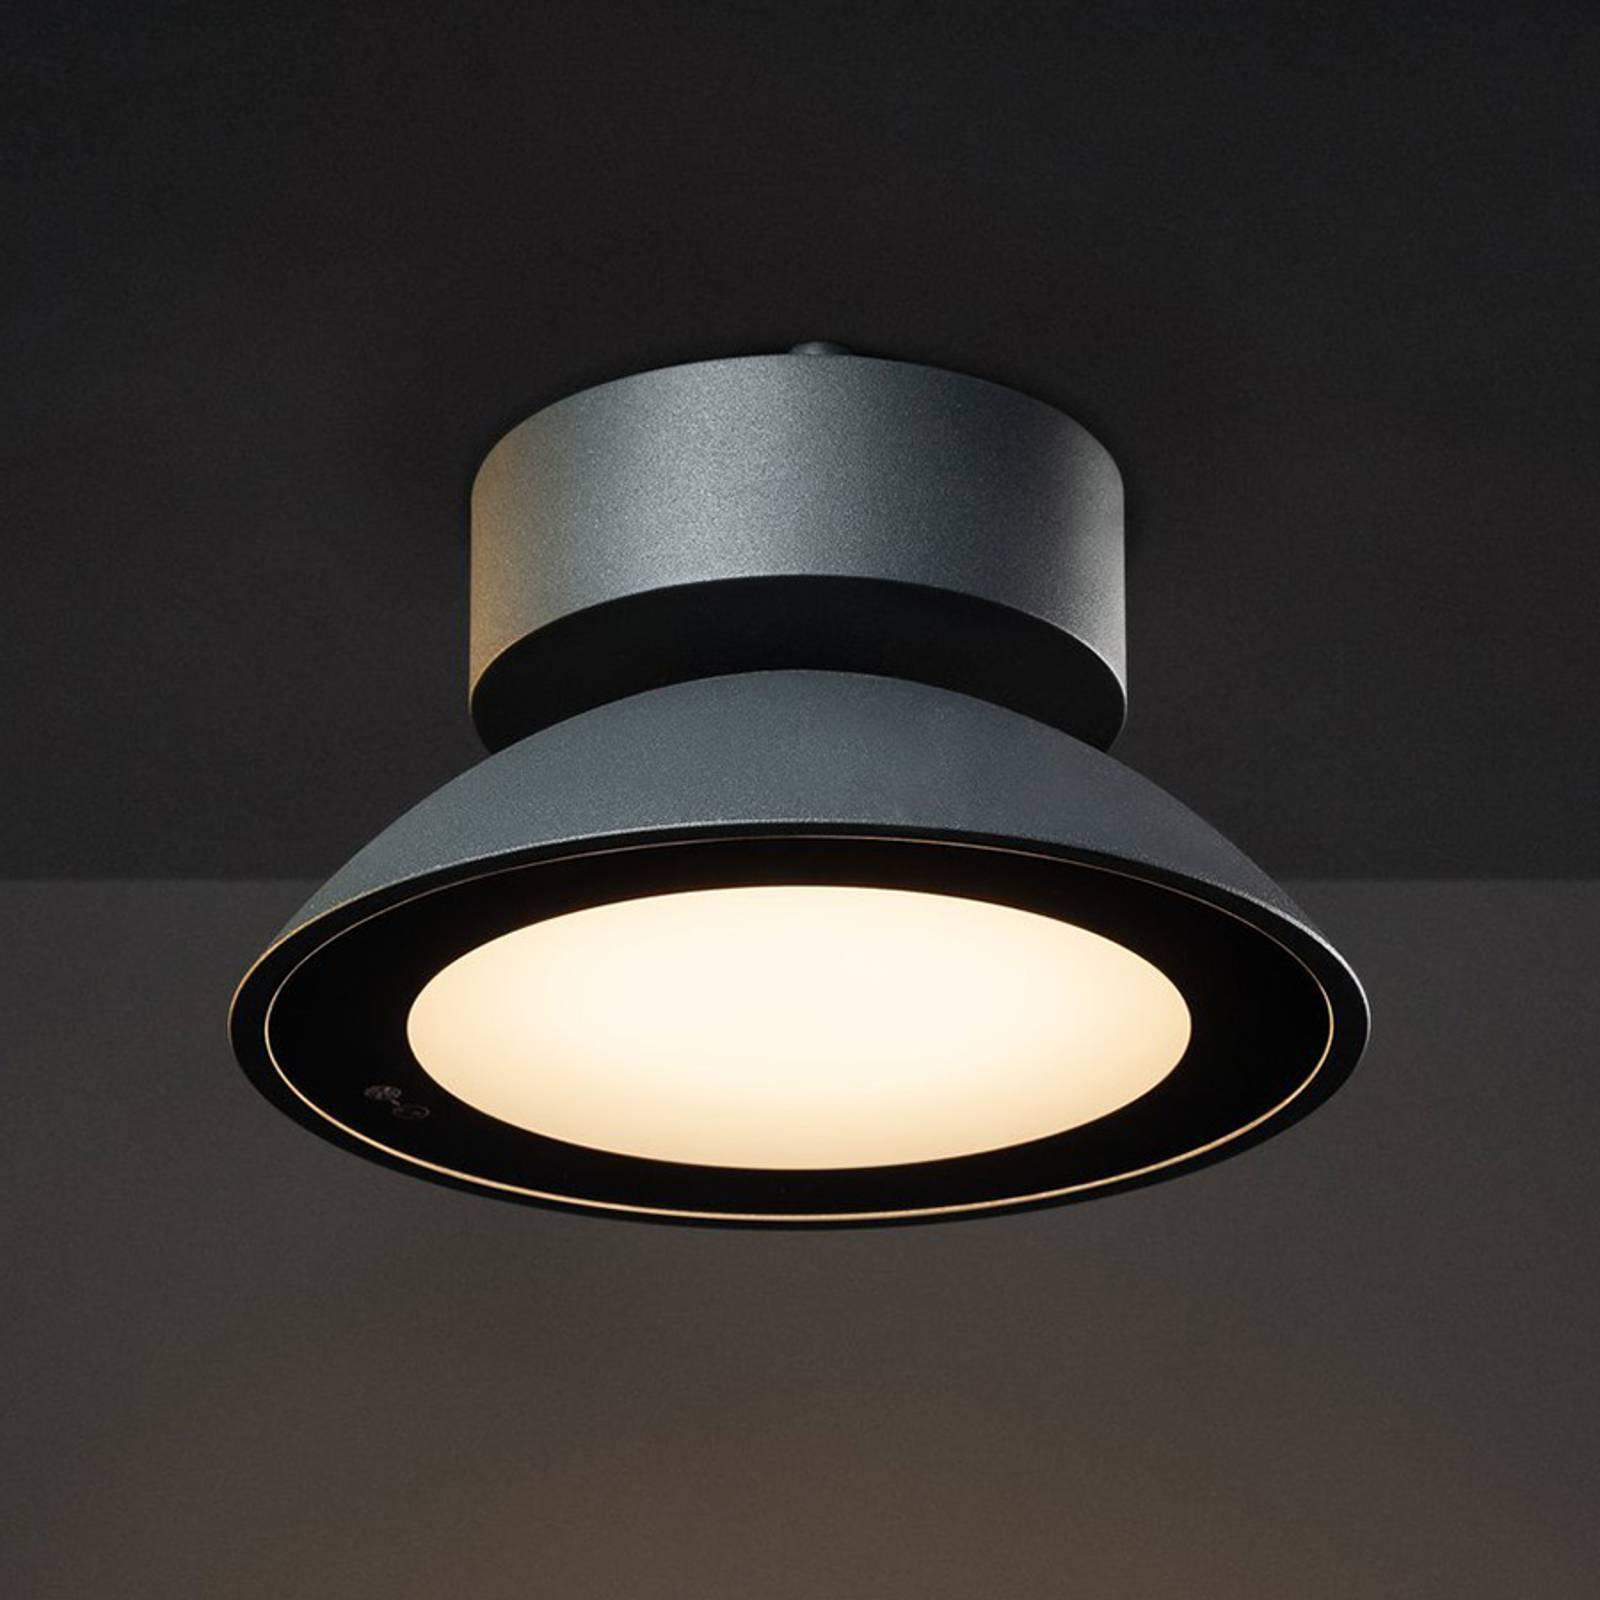 SLV Malu utendørs LED-taklampe, rund, antrasitt